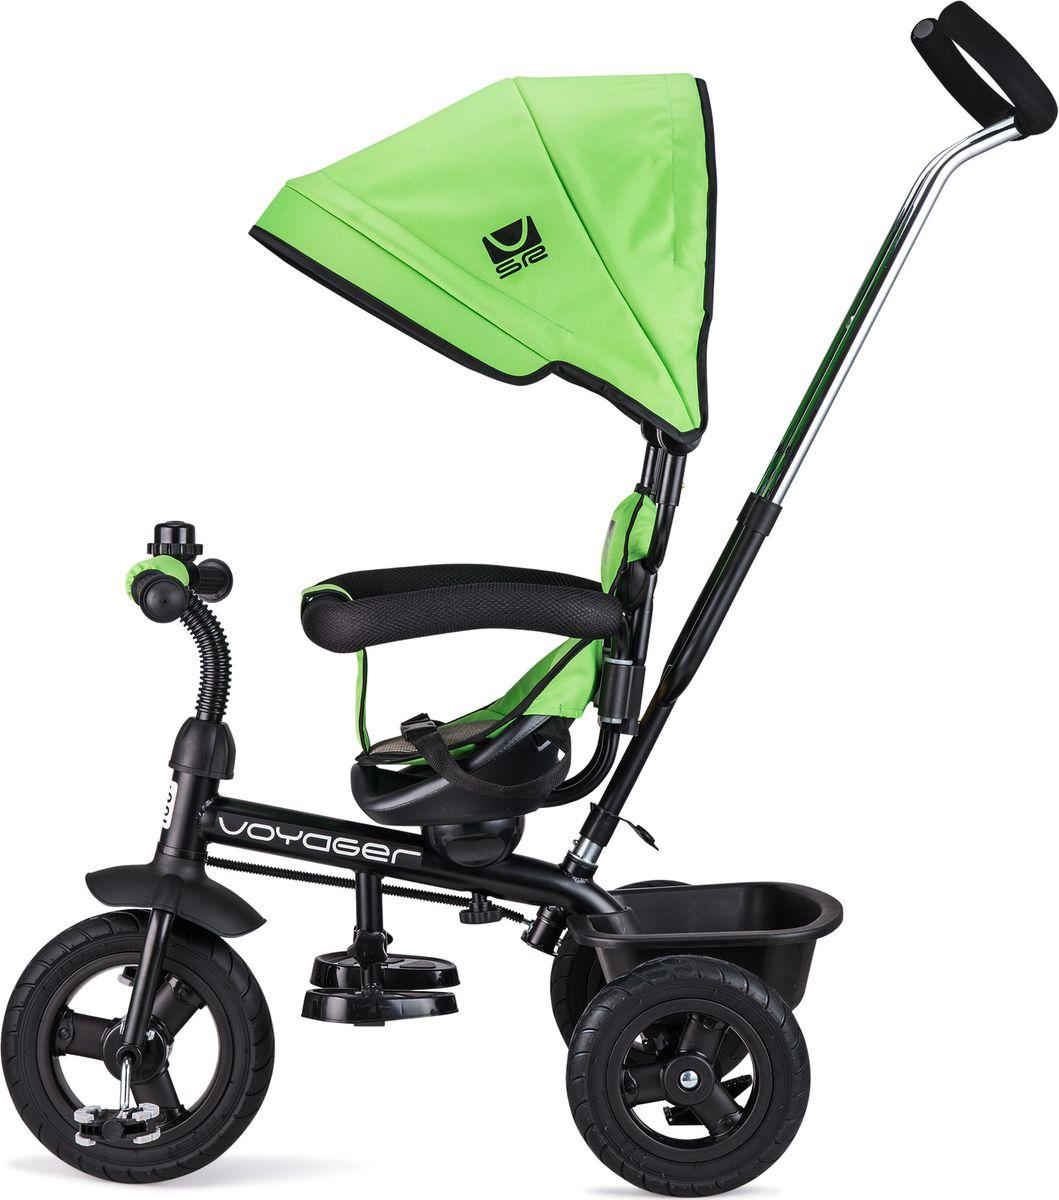 """Превратите каждую прогулку в """"Вояж"""" или """"Путешествие""""!  Small Rider  - это комфортный трехколесный велосипед нового поколения,  воплотивший в себе все современные функции и высокие требования к комфорту ребенка.  Стильный дизайн европейского уровня.  Трехколесный велосипед является и детским транспортом, и модным аксессуаром,  подчеркивающим ваш стиль на прогулке. Красота линий велосипеда радует глаз,  акцентирует фокус на легкости и спортивности, воплощает лаконичность и изящество  формы.  Бескамерные покрышки.  Колеса у велосипеда имеют специальные бескамерные покрышки, которые по внешнему  виду и ощущениям абсолютно идентичны надувным, но при этом не требуют подкачки и  не прокалываются. Колесо все время как бы """"максимально накачано"""".   Это современный тип колес, который объединил в себе все преимущества надувных и  ПВХ колес, ведь колеса катятся плавно и мягко, не требуя ухода в будущем.   Элегантные матовые диски смотрятся премиально и основательно.   Сиденье вращается и может быть в двух положениях.  Сиденье вращается на 360 градусов и может быть установлено в положениях как """"лицом к  дороге"""", так и """"лицом к маме"""".  Если малыш спокоен и настроен на познание мира вокруг, направьте сиденье и ребенка  лицом вперед. Это захватывающе и увлекательно для маленького наездника. А если  ребенок будет не в духе и потребуется мамина поддержка - поверните малыша лицом к  маме, так ему будет спокойнее.   Внимание! Задние колеса у велосипеда легко снимаются без ключа. Для этого нужно  нажать на две кнопки и потянуть.   Подножка, помимо функции сложения, имеет 3 уровня высоты.   Высокая безопасность.    Для обеспечения безопасности ребенка у велосипеда есть и защитный бампер-ограждение,  который раскрывается в стороны - с накладкой-рукавом из ПВХ поверх (чтобы ребенок не  слюнявил поручень), и специальный ограничитель от соскальзывания вниз посередине,  помещаемый между ножек ребенка.    Глубокий капюшон-капор, сделанный из водонепроницаемой плотной ткани Poly Oxford  600D, з"""